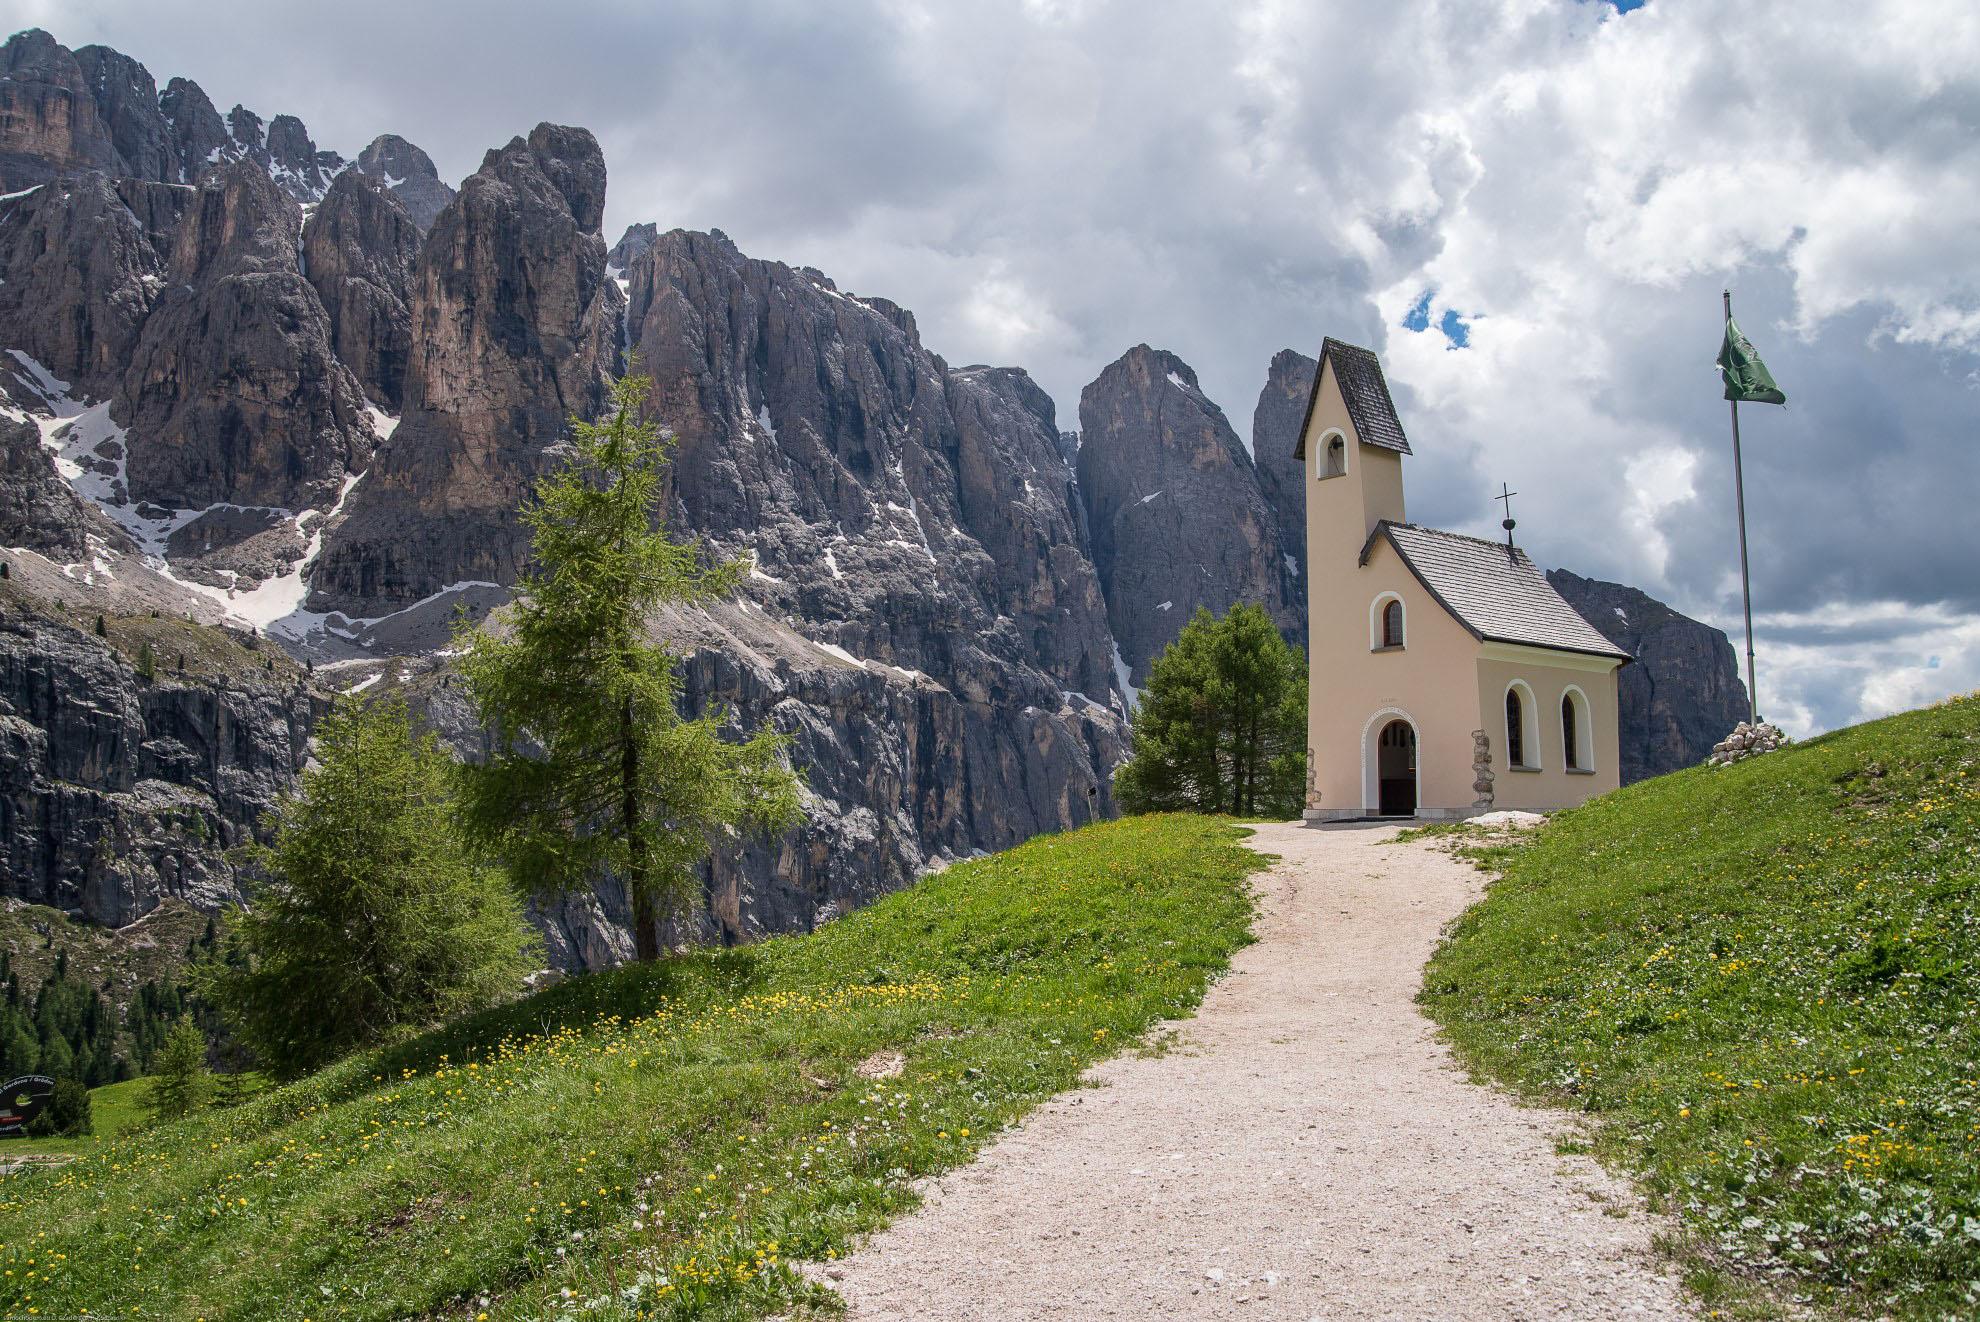 Cappella di San Maurizio na przełęczy Gardena